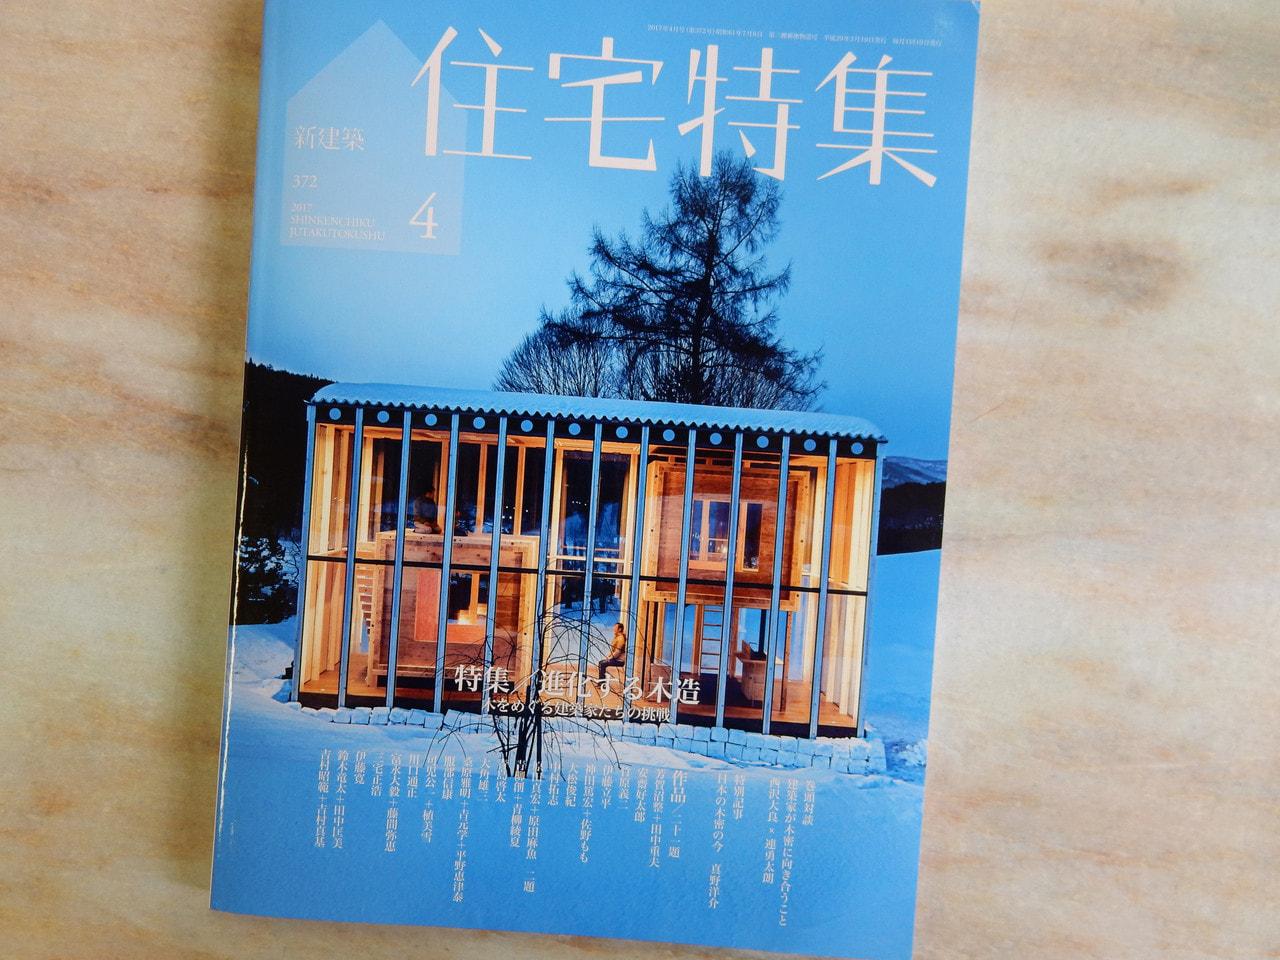 竹原先生の記事が住宅特集4月号に掲載